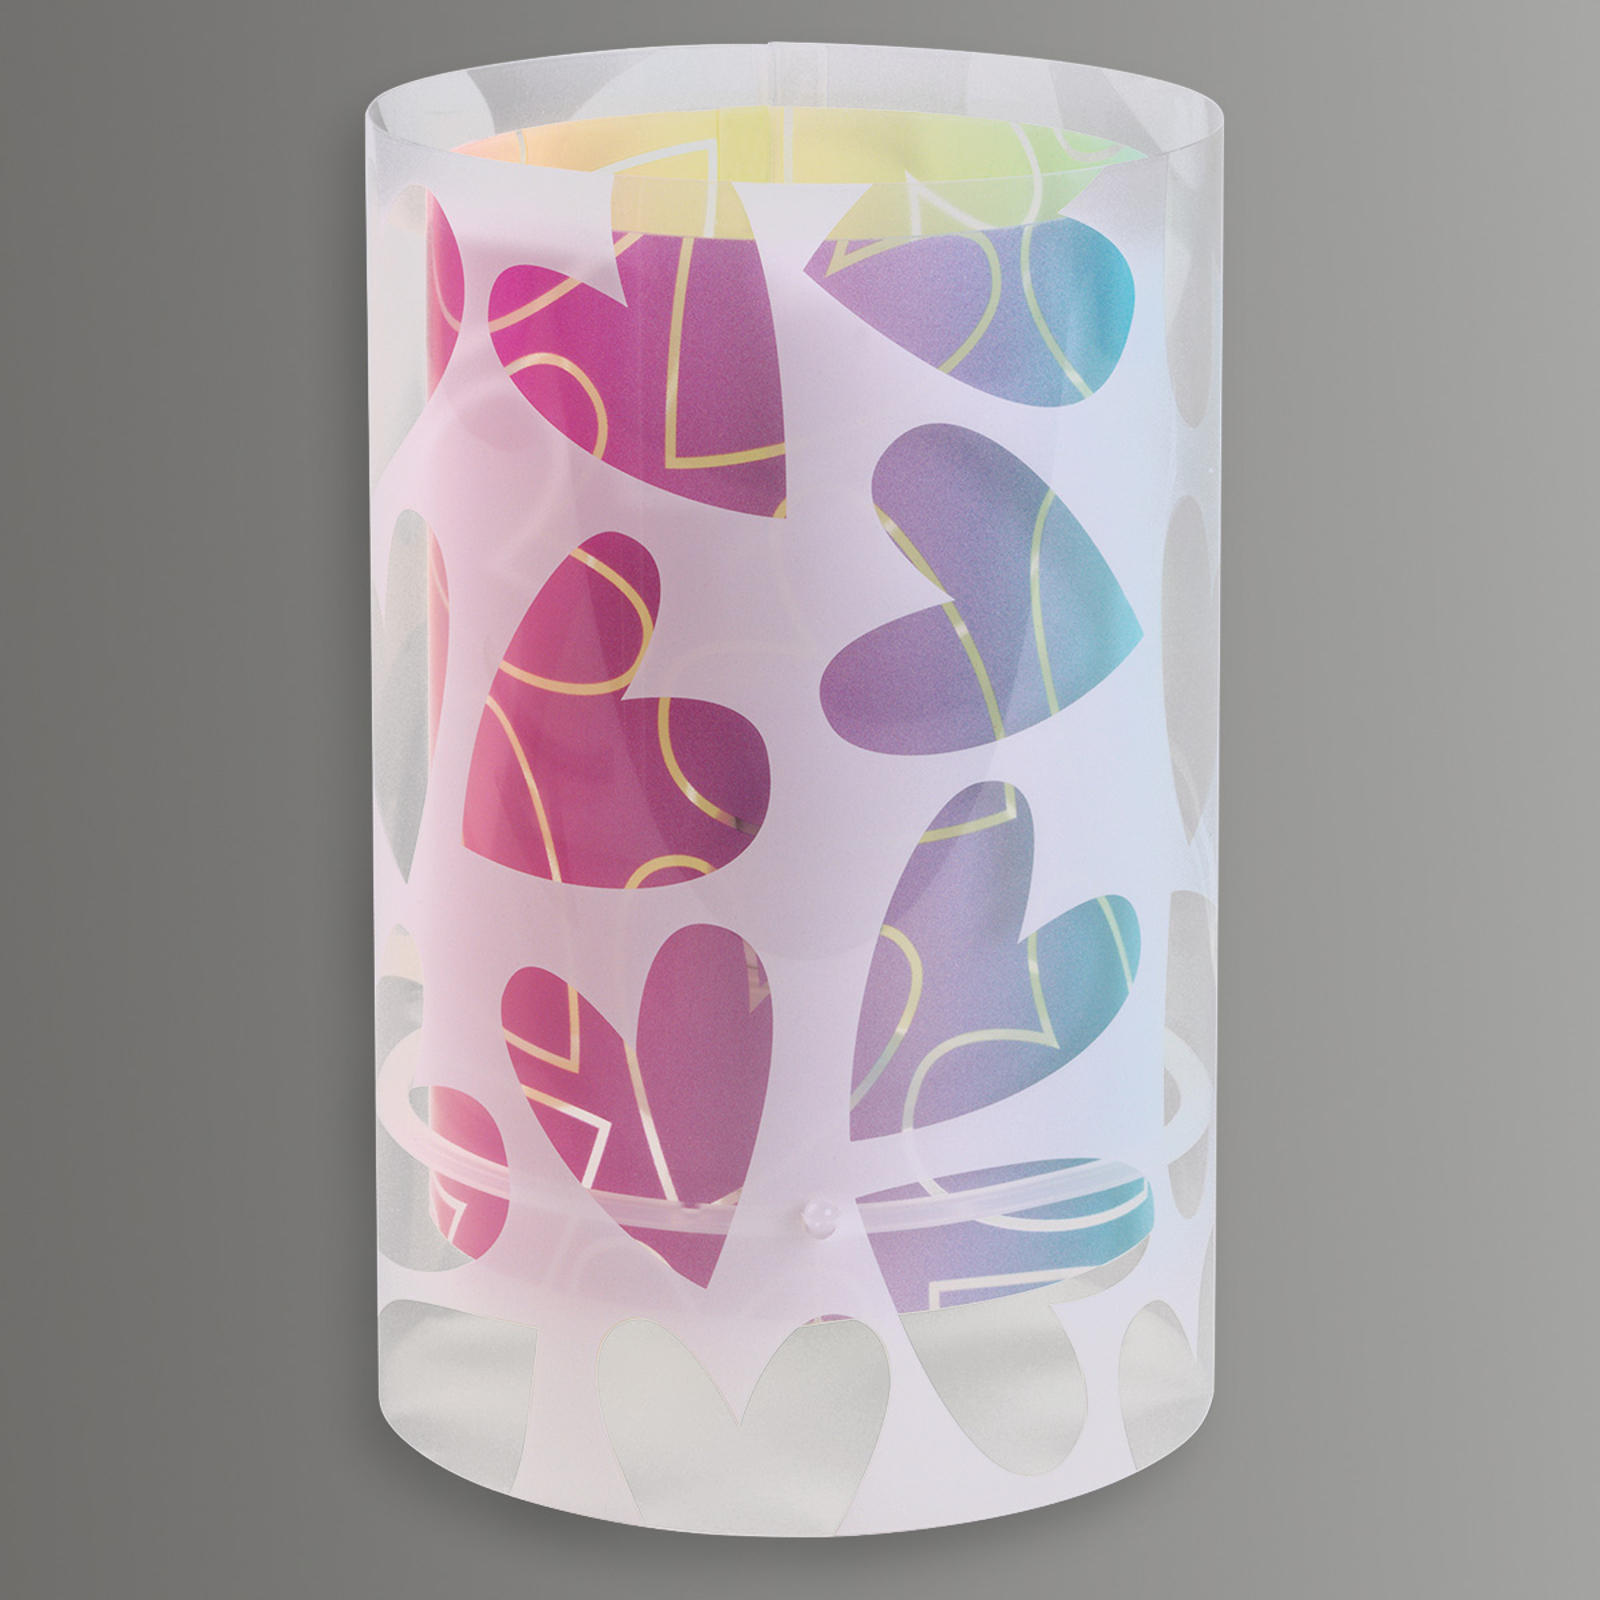 Cuore - met harten versierde tafellamp